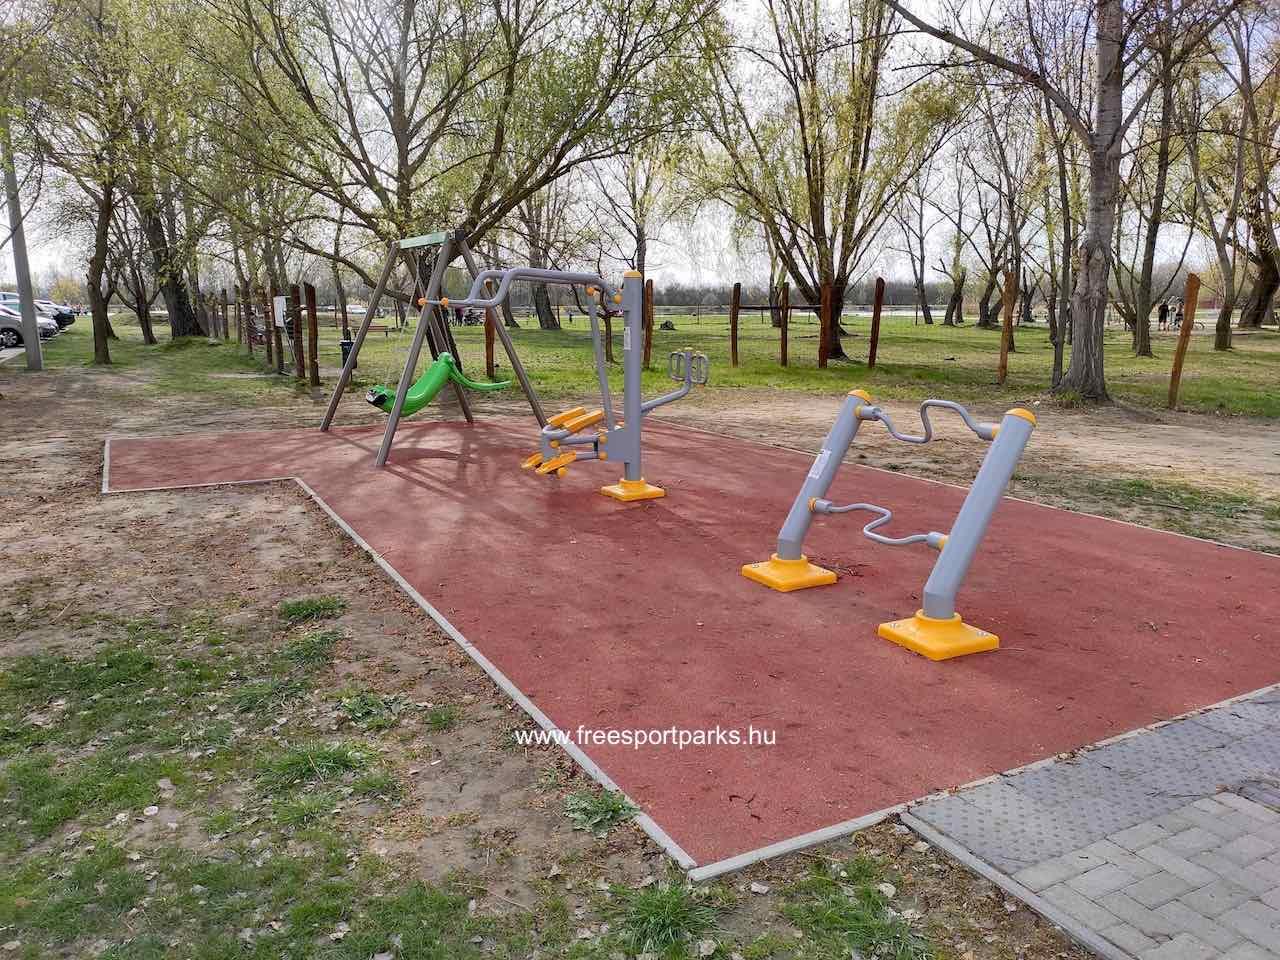 Integrált fitneszpark a Palotavárosi szabadidőpark bejáratánál